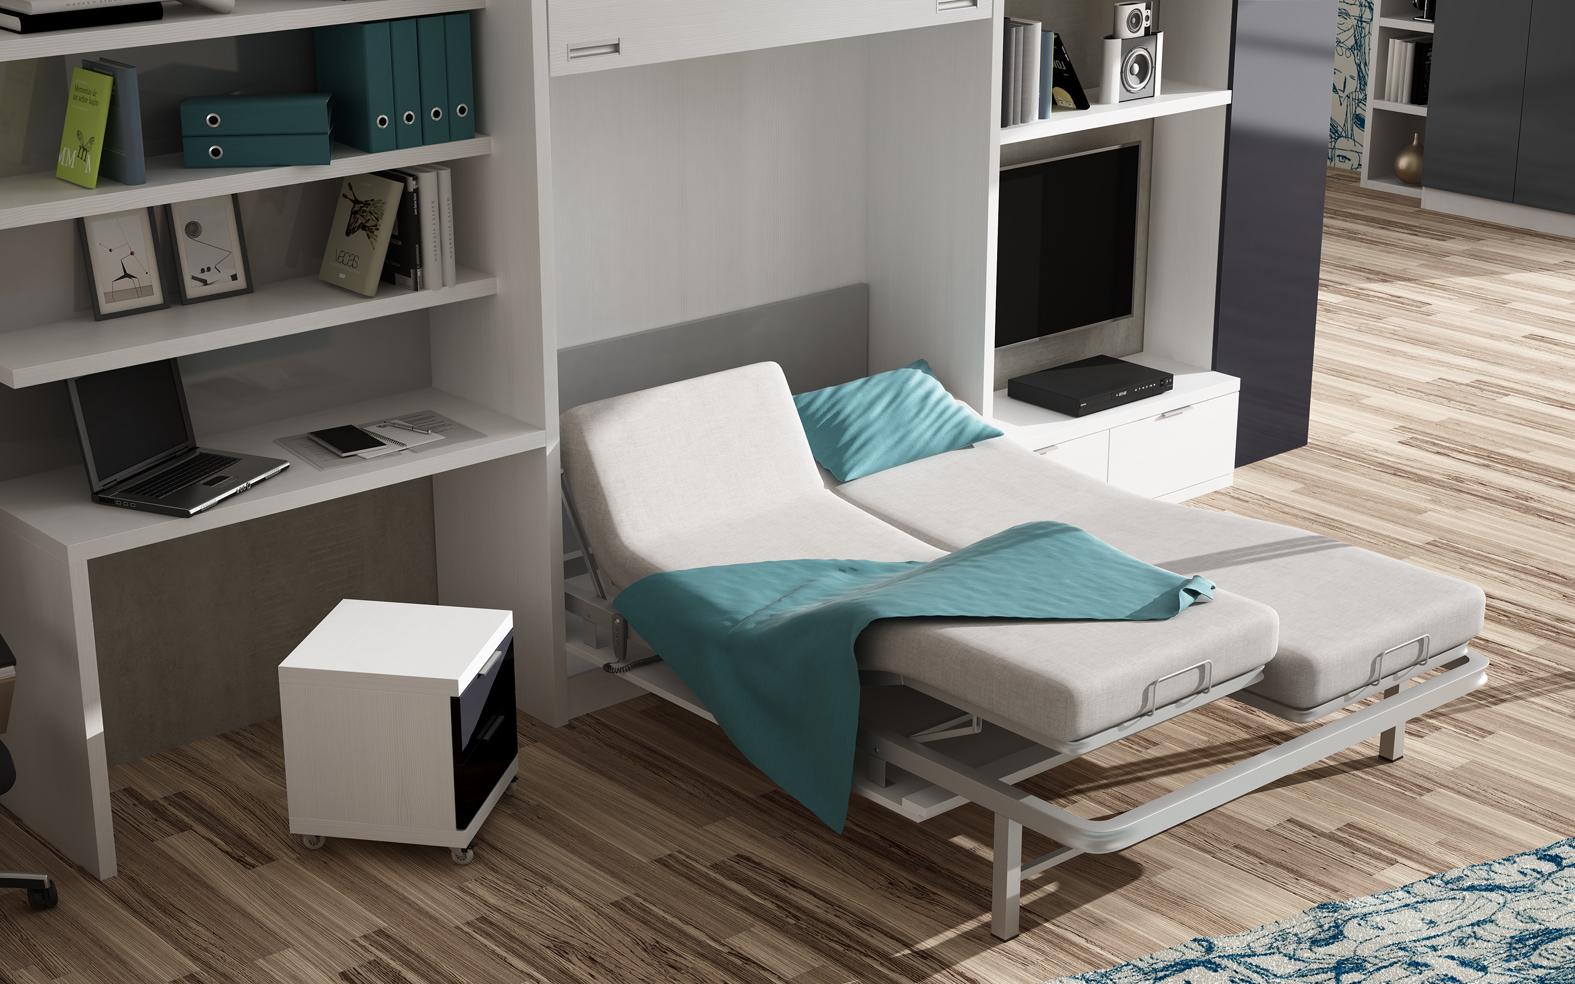 Preguntas frecuentes al comprar una cama abatible